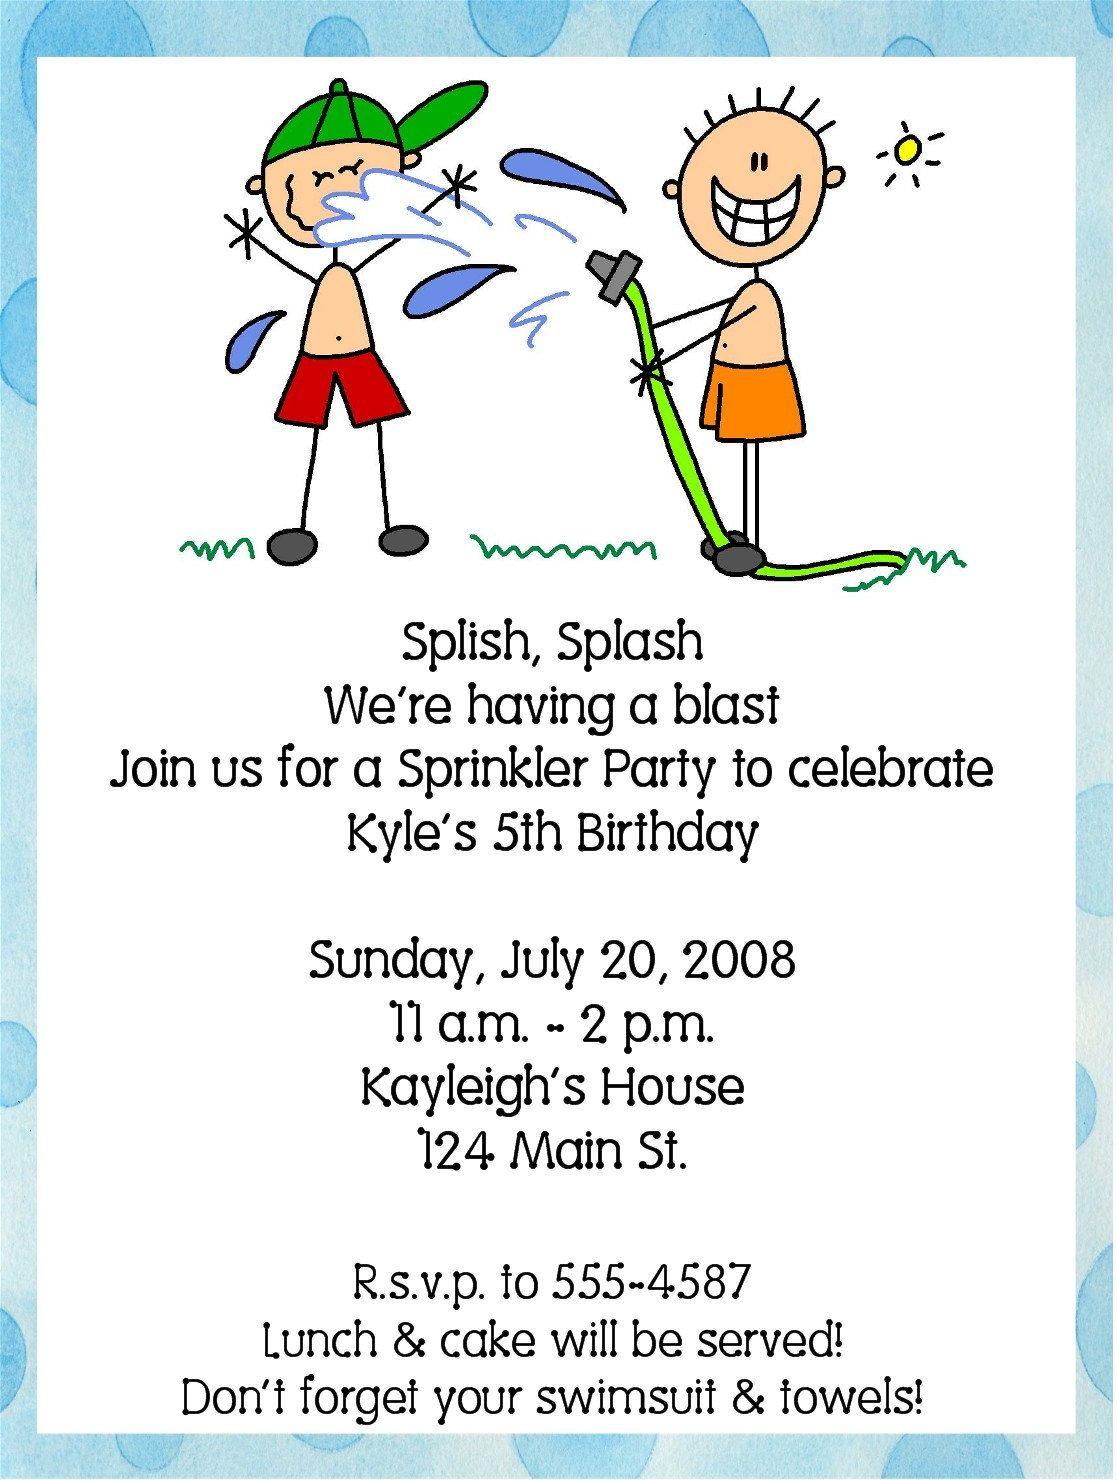 sprinklers party | Pool/Summer/Swim/Sprinkler Birthday Party ...